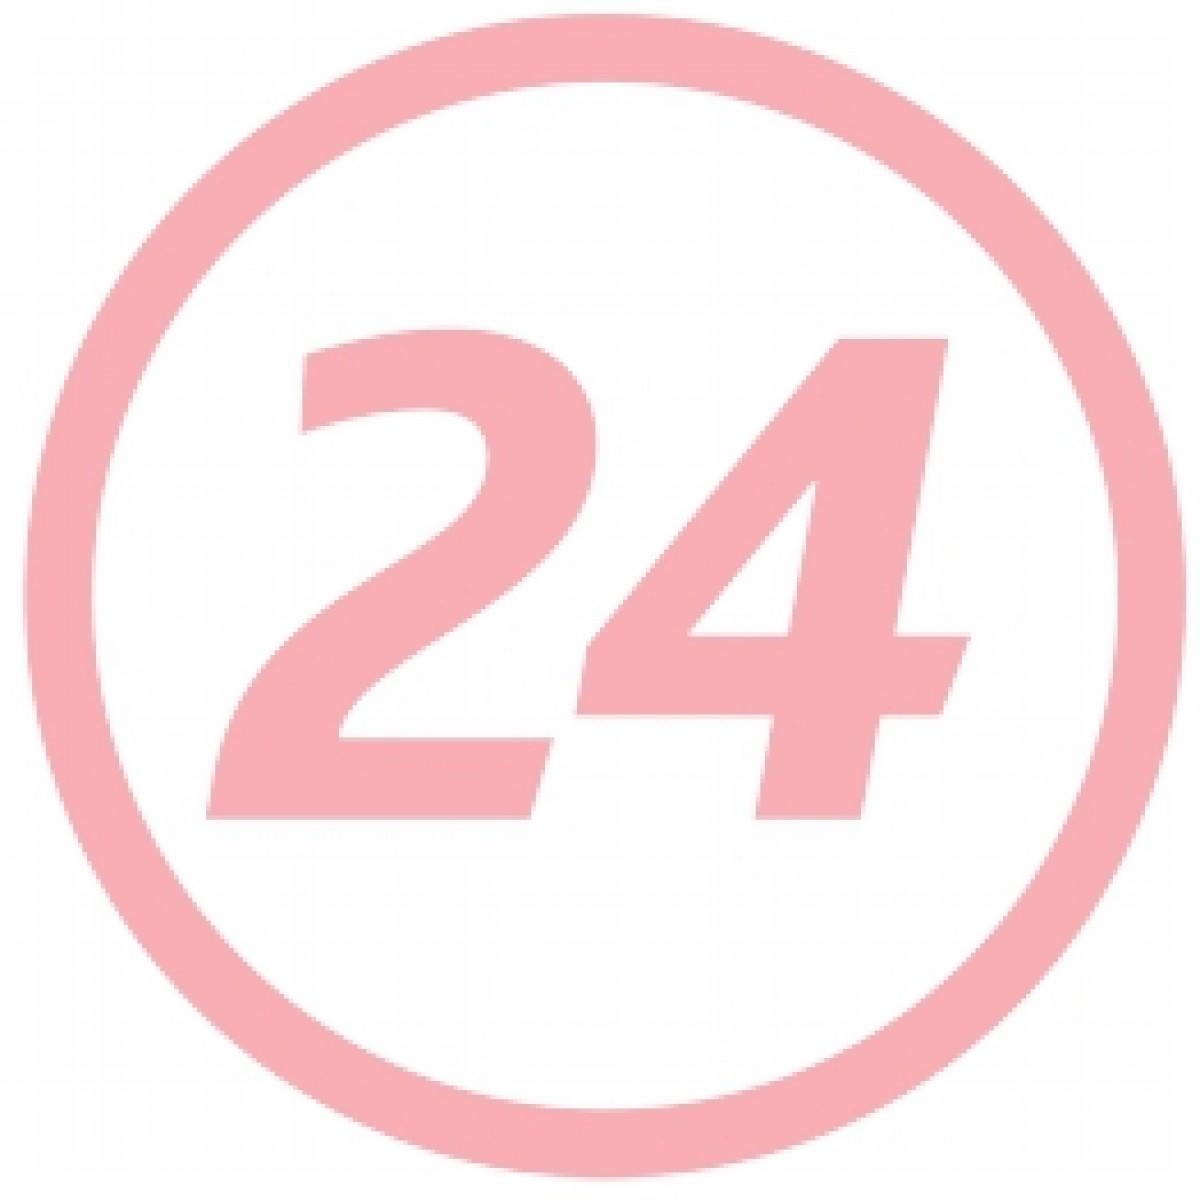 Halat Baie Copii MyKids Roz 2-4 ani